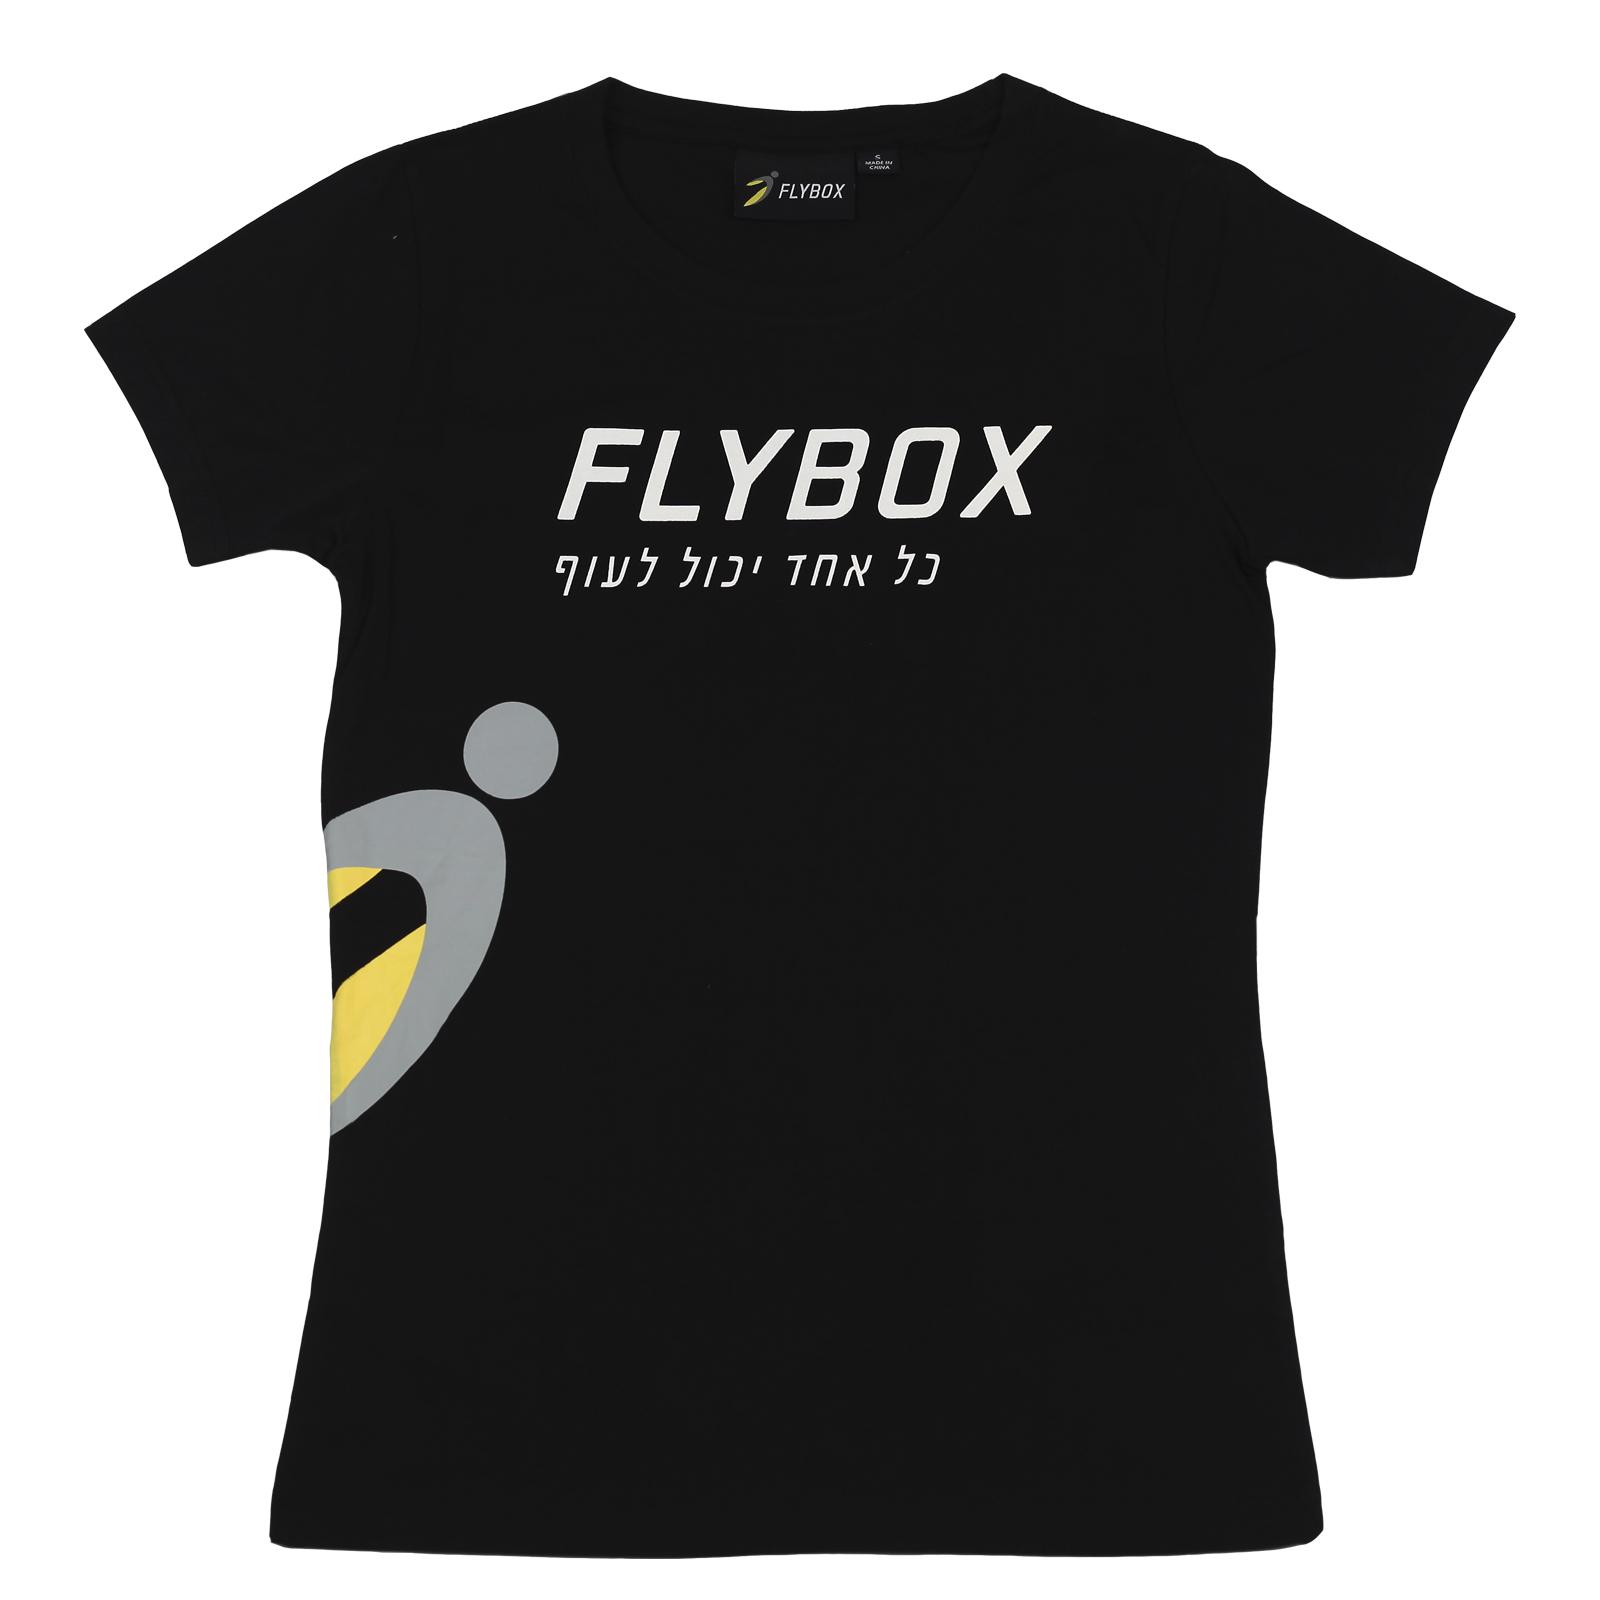 Спортивная футболка FlyBox из натурального хлопка